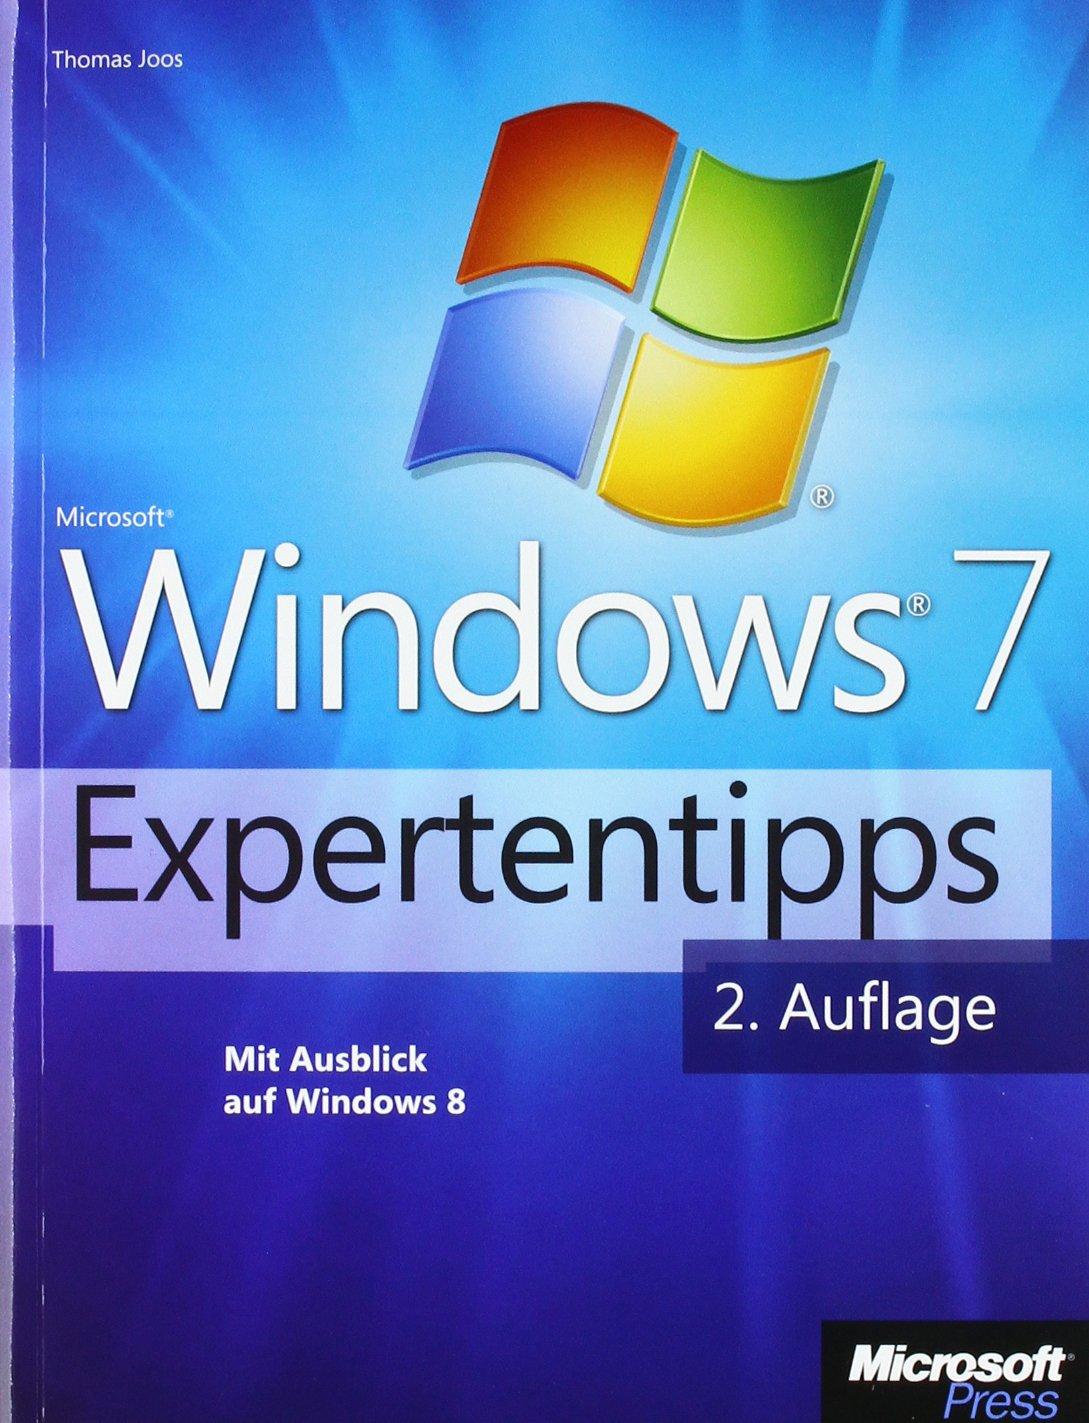 Microsoft Windows 7-Expertentipps. Mit Ausblick auf Windows 8 Gebundenes Buch – 28. Februar 2012 Thomas Joos 3866458266 Windows 7; Handbuch/Lehrbuch Betriebssysteme